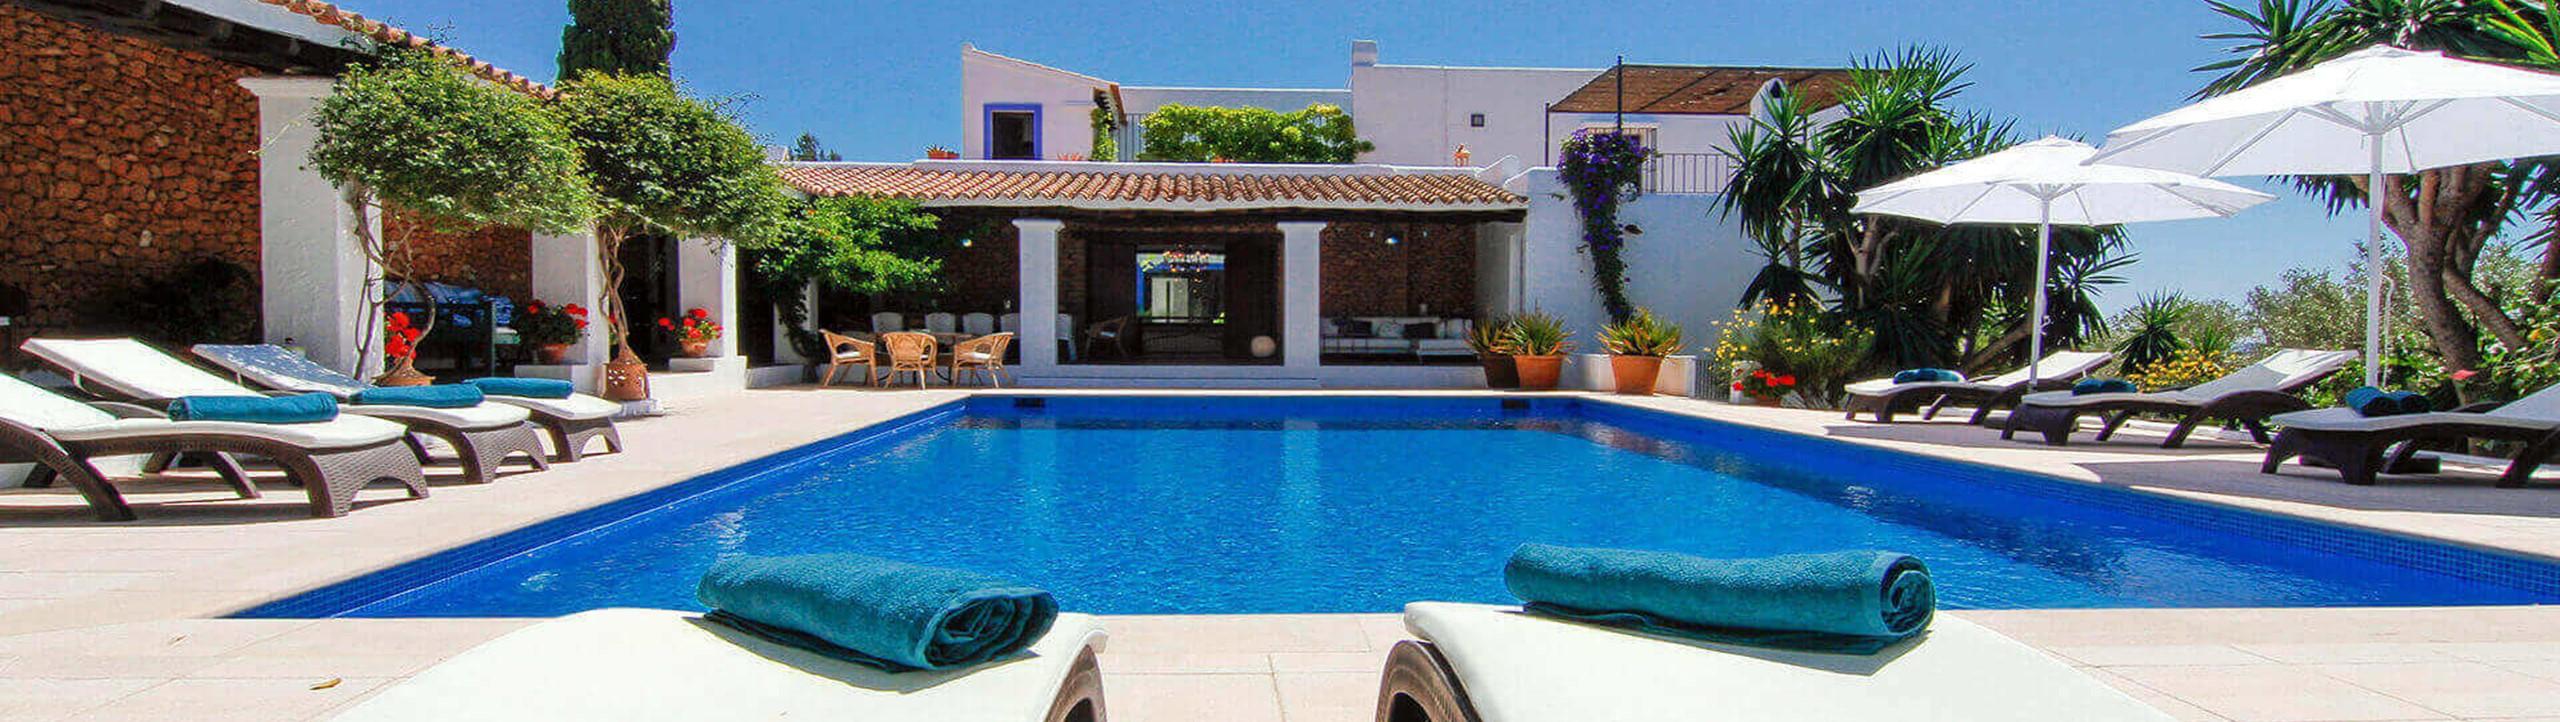 Can Valls Ibiza 1 Near Ibiza Town